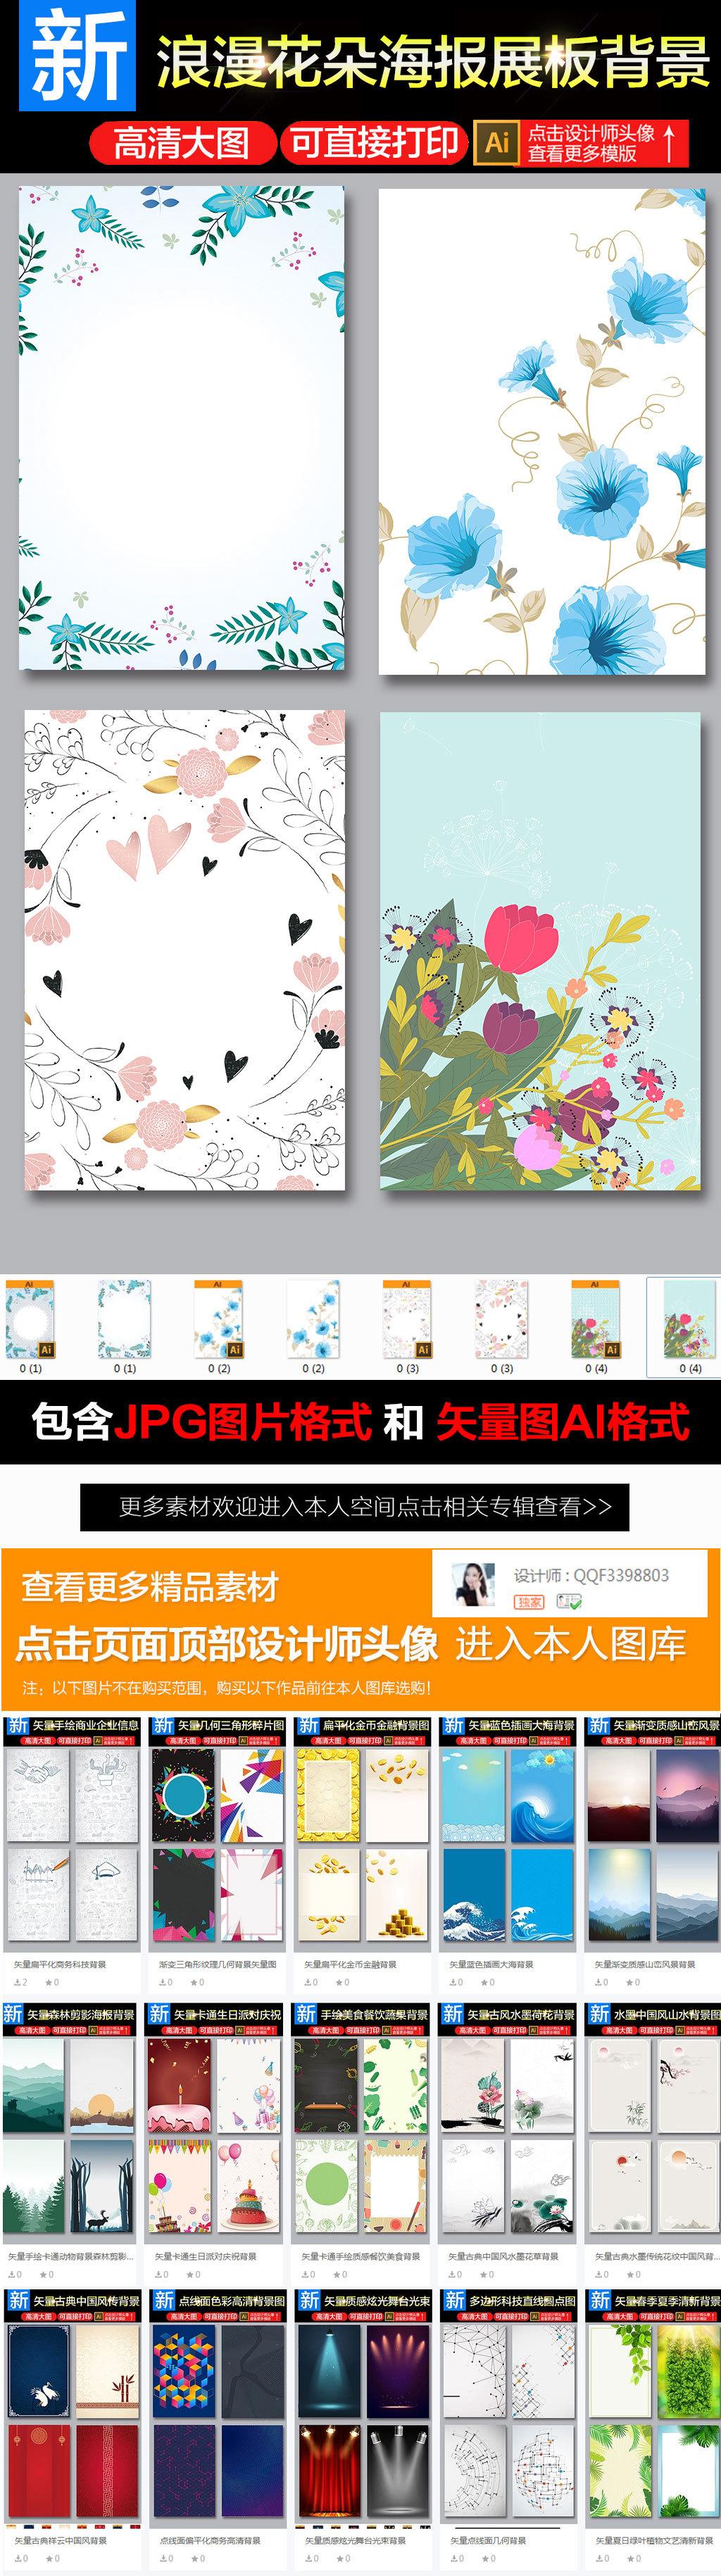 卡通手绘浪漫花朵海报背景图